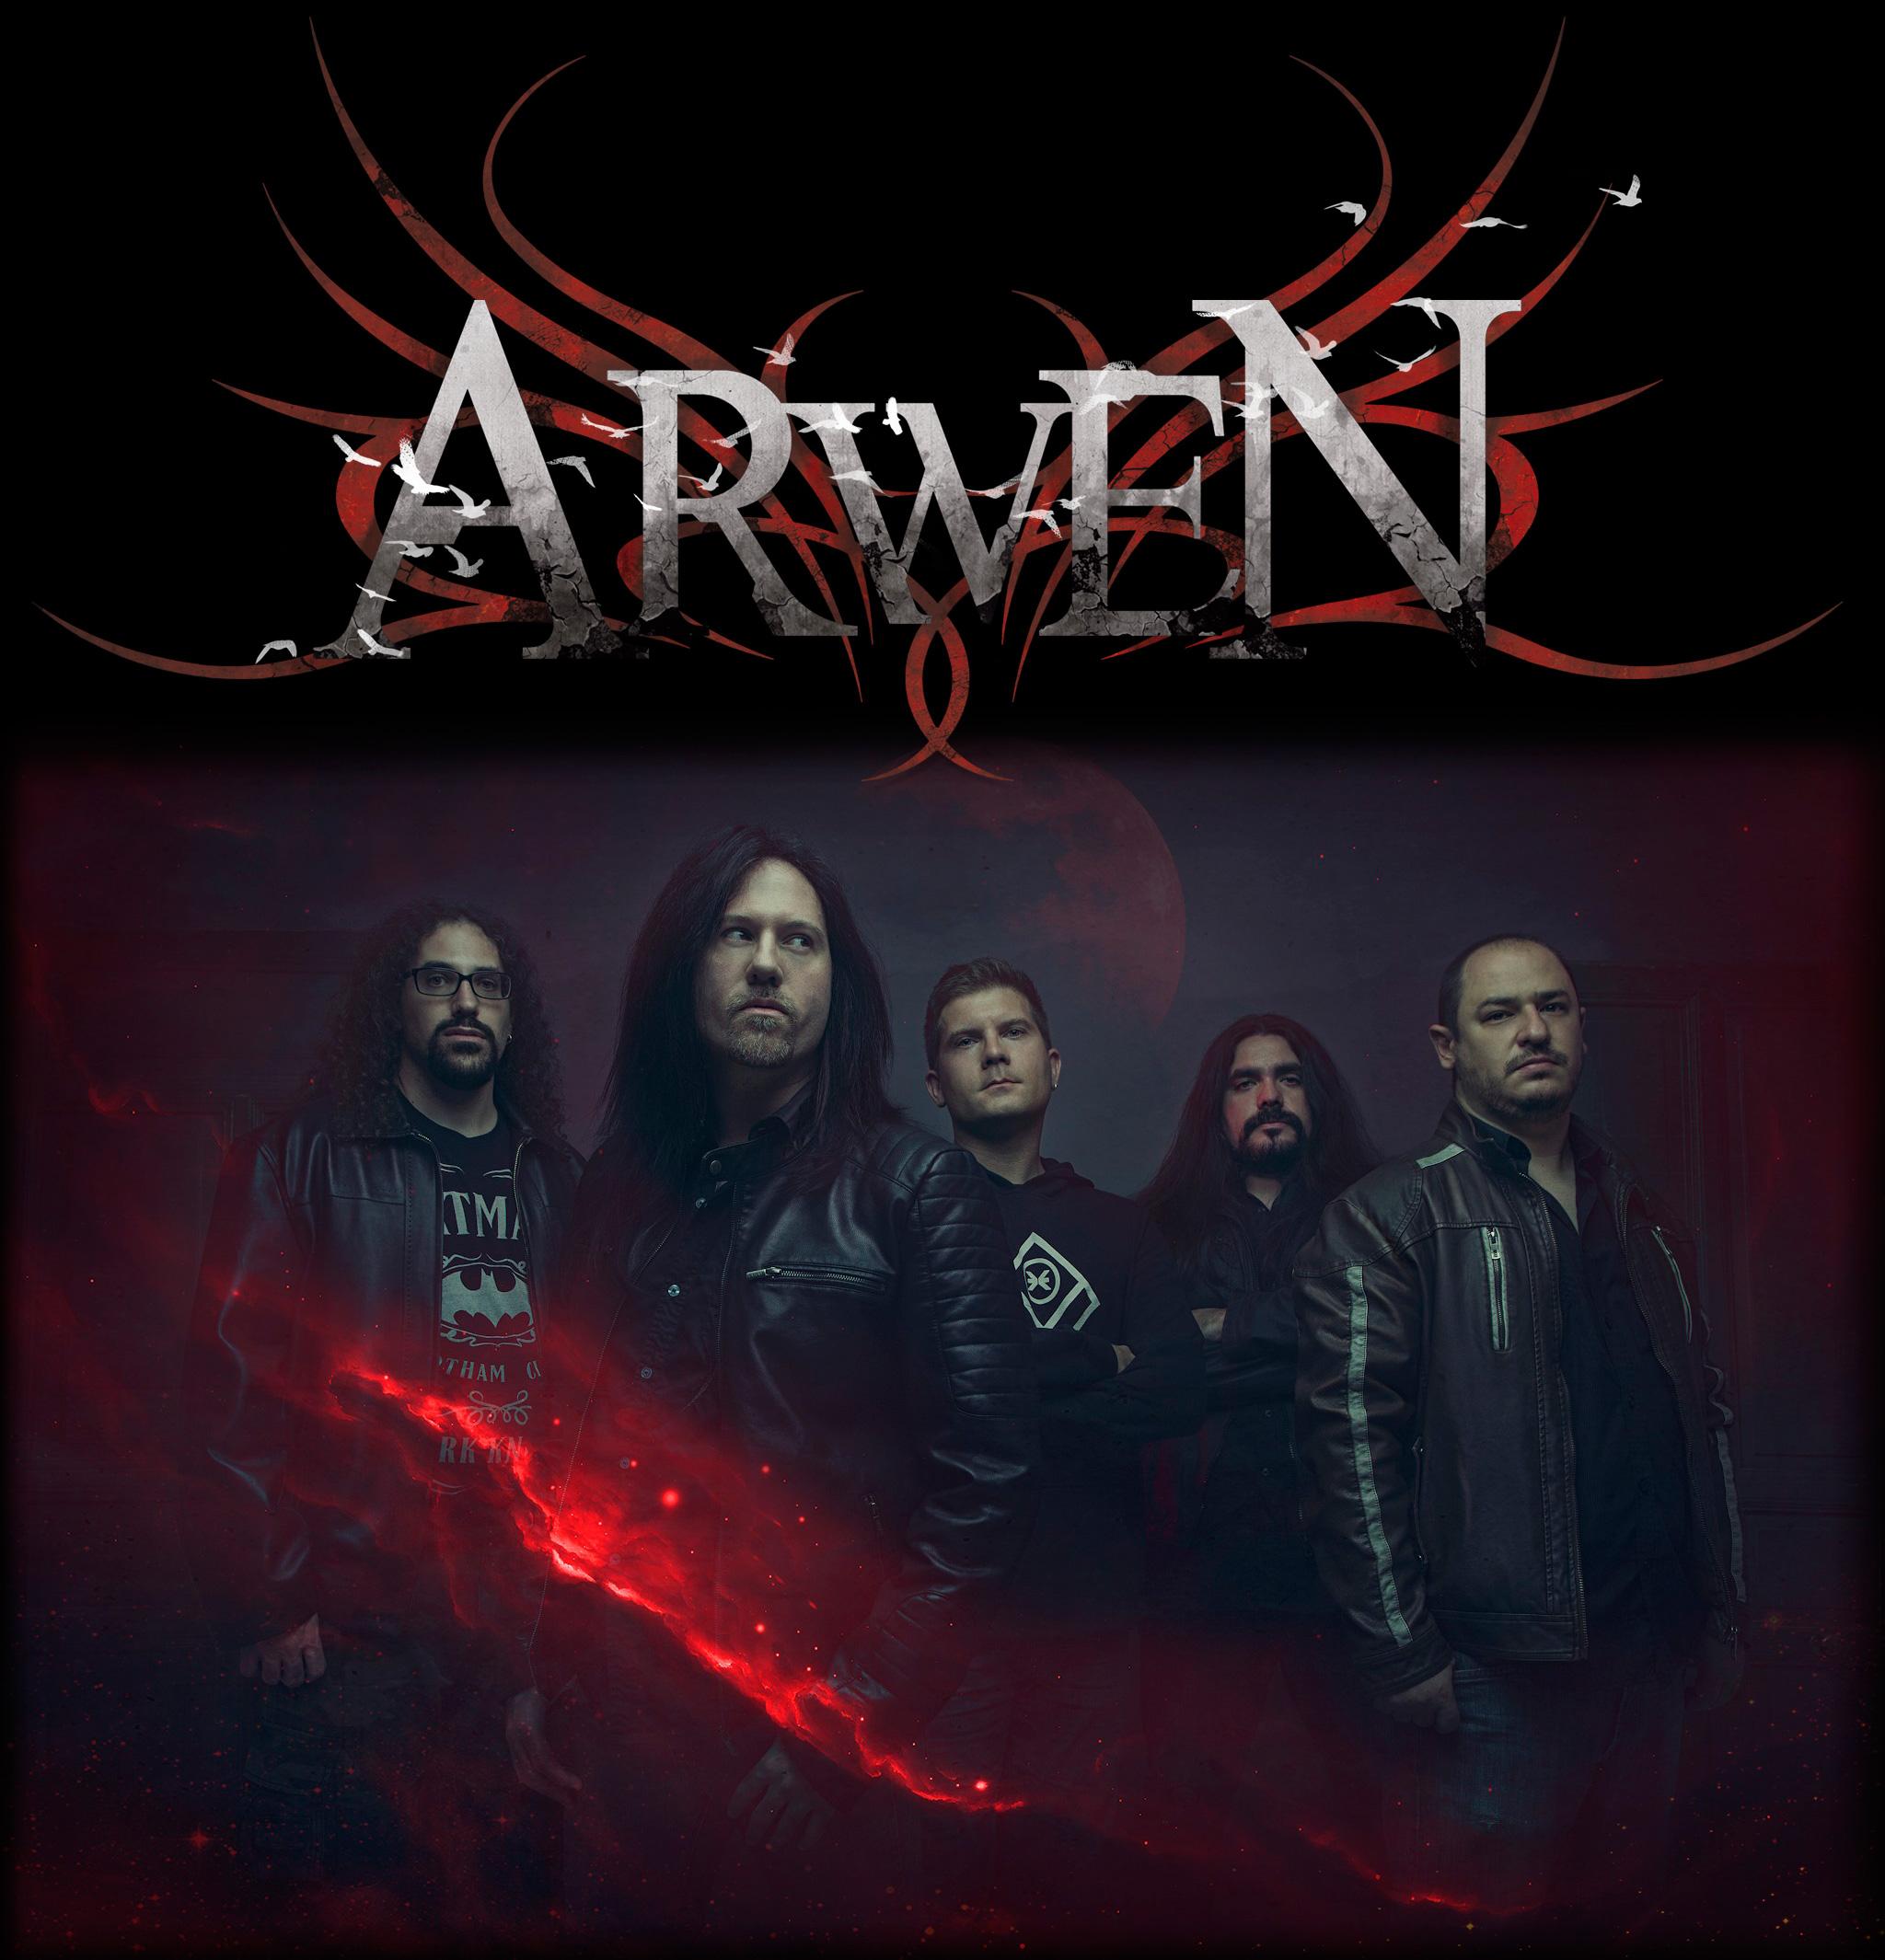 ARWEN METAL